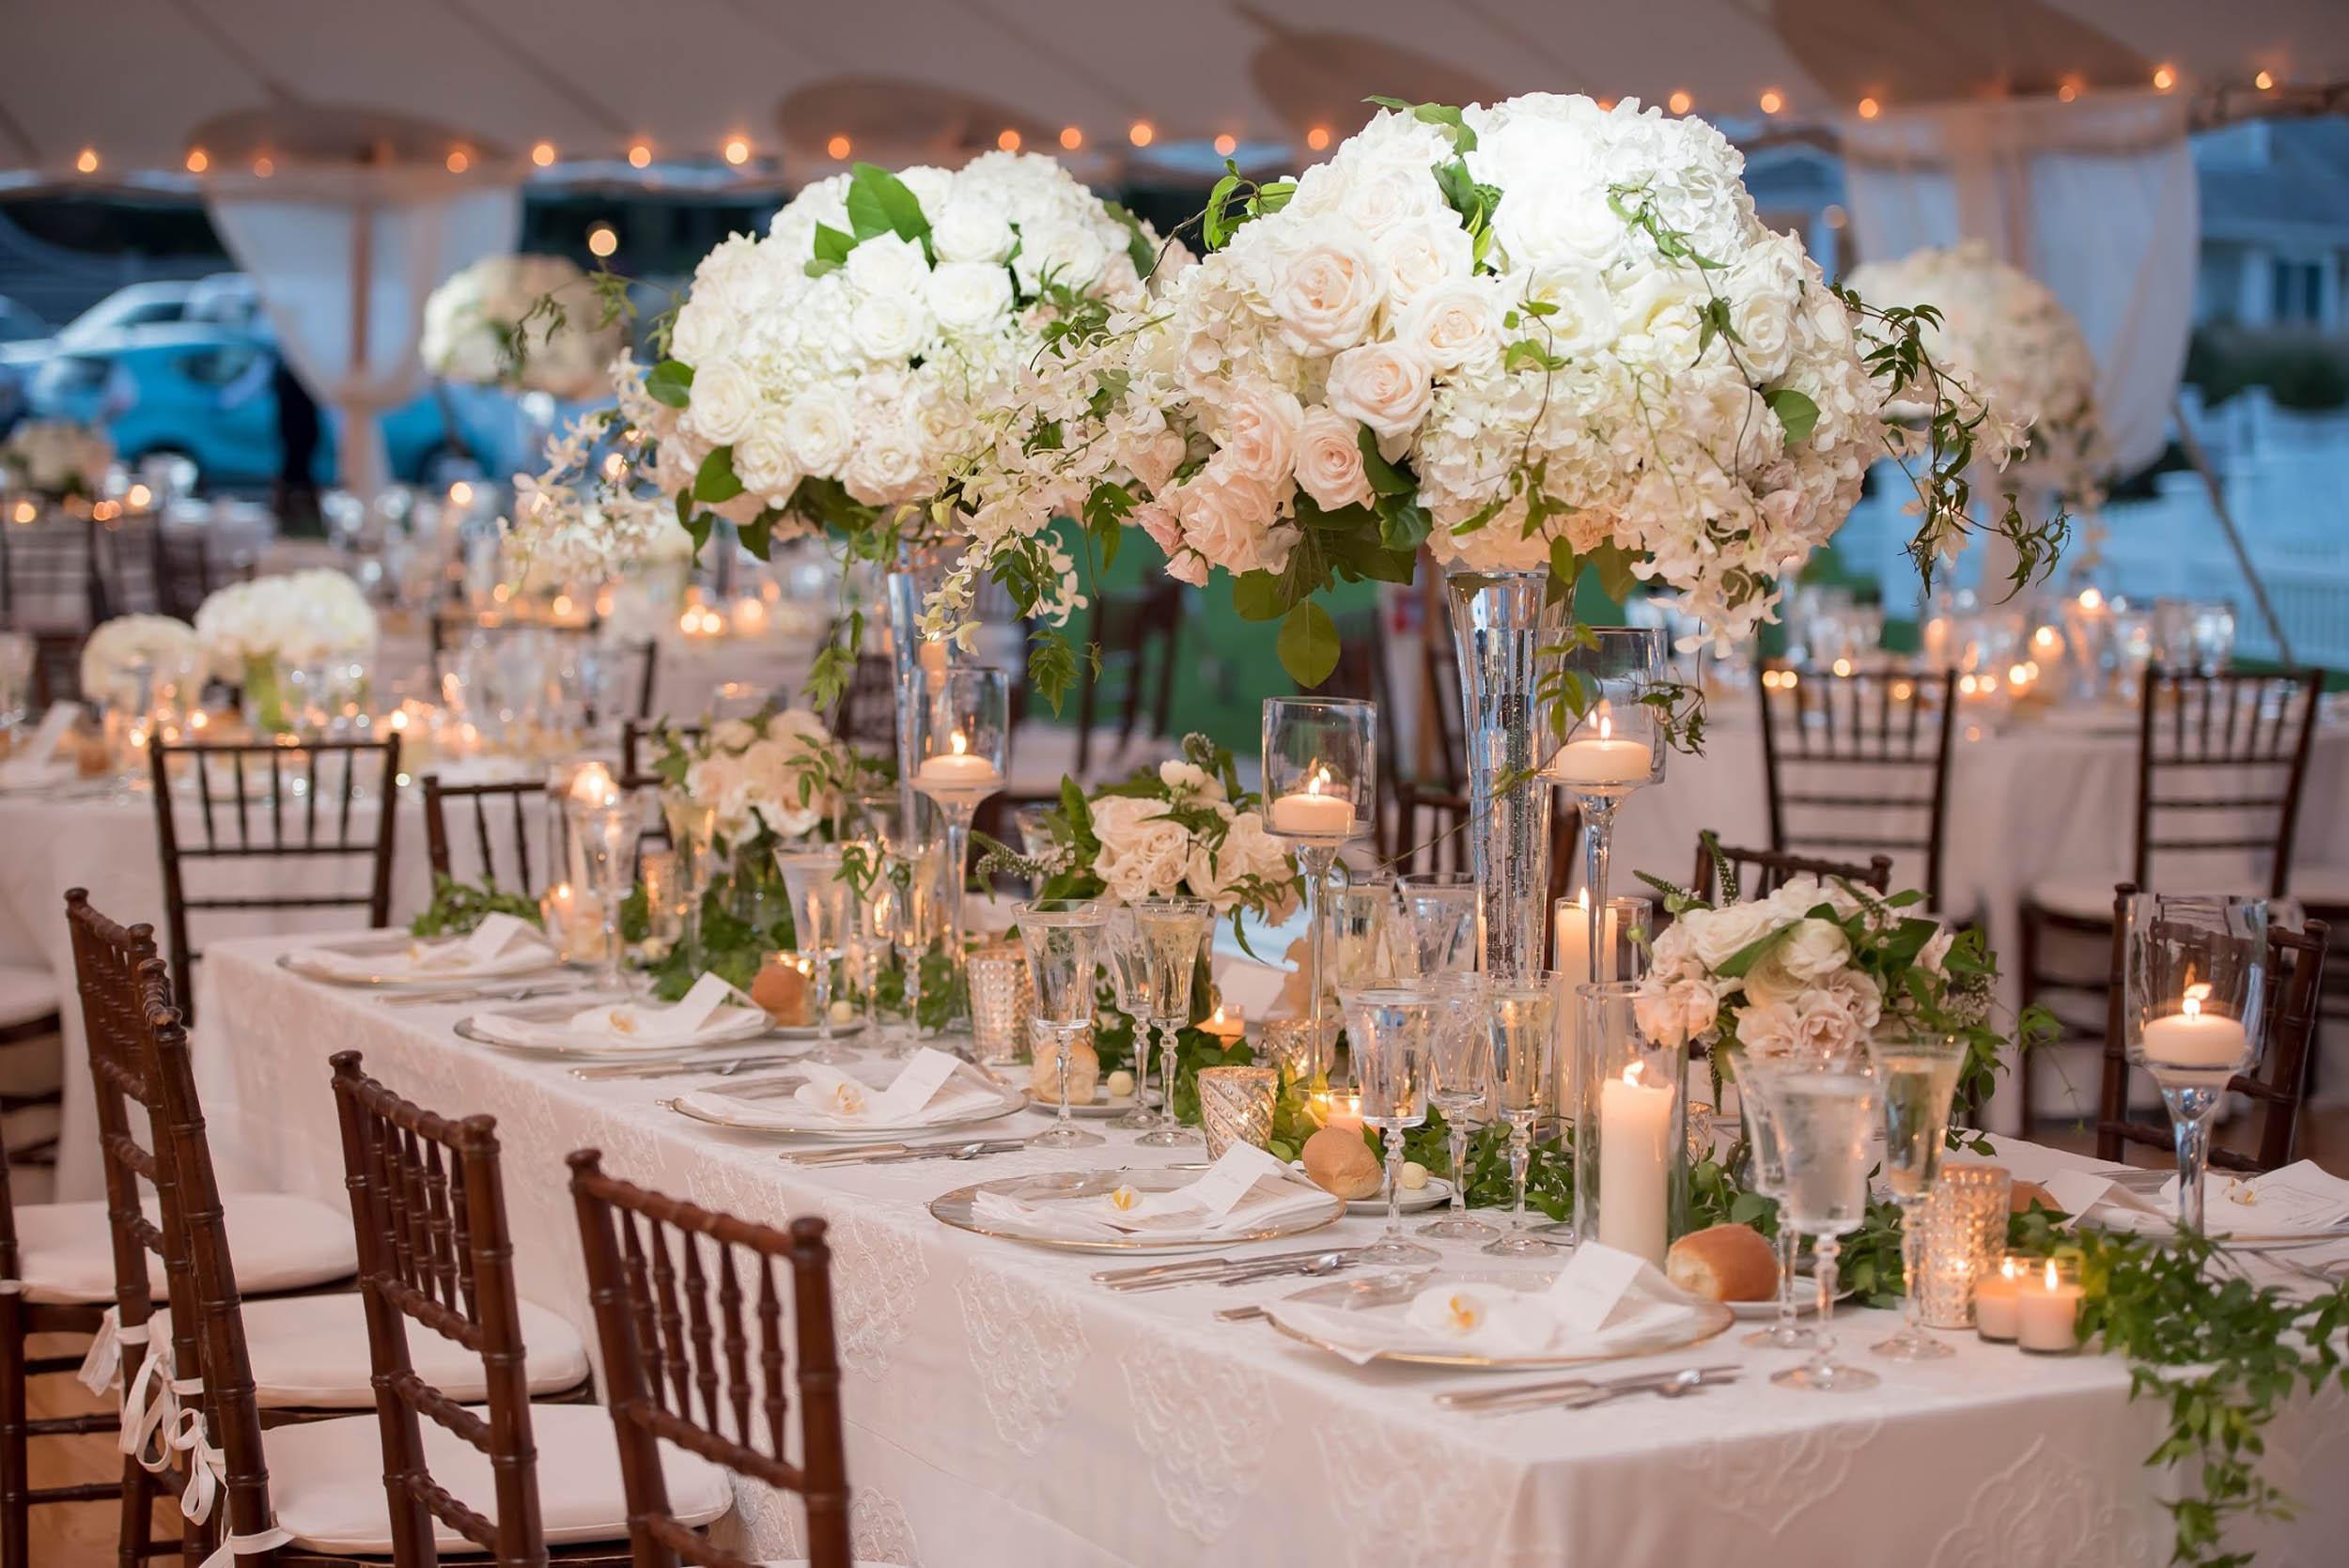 lilacs-florals-wedding-florist-reception-hires-064.jpg